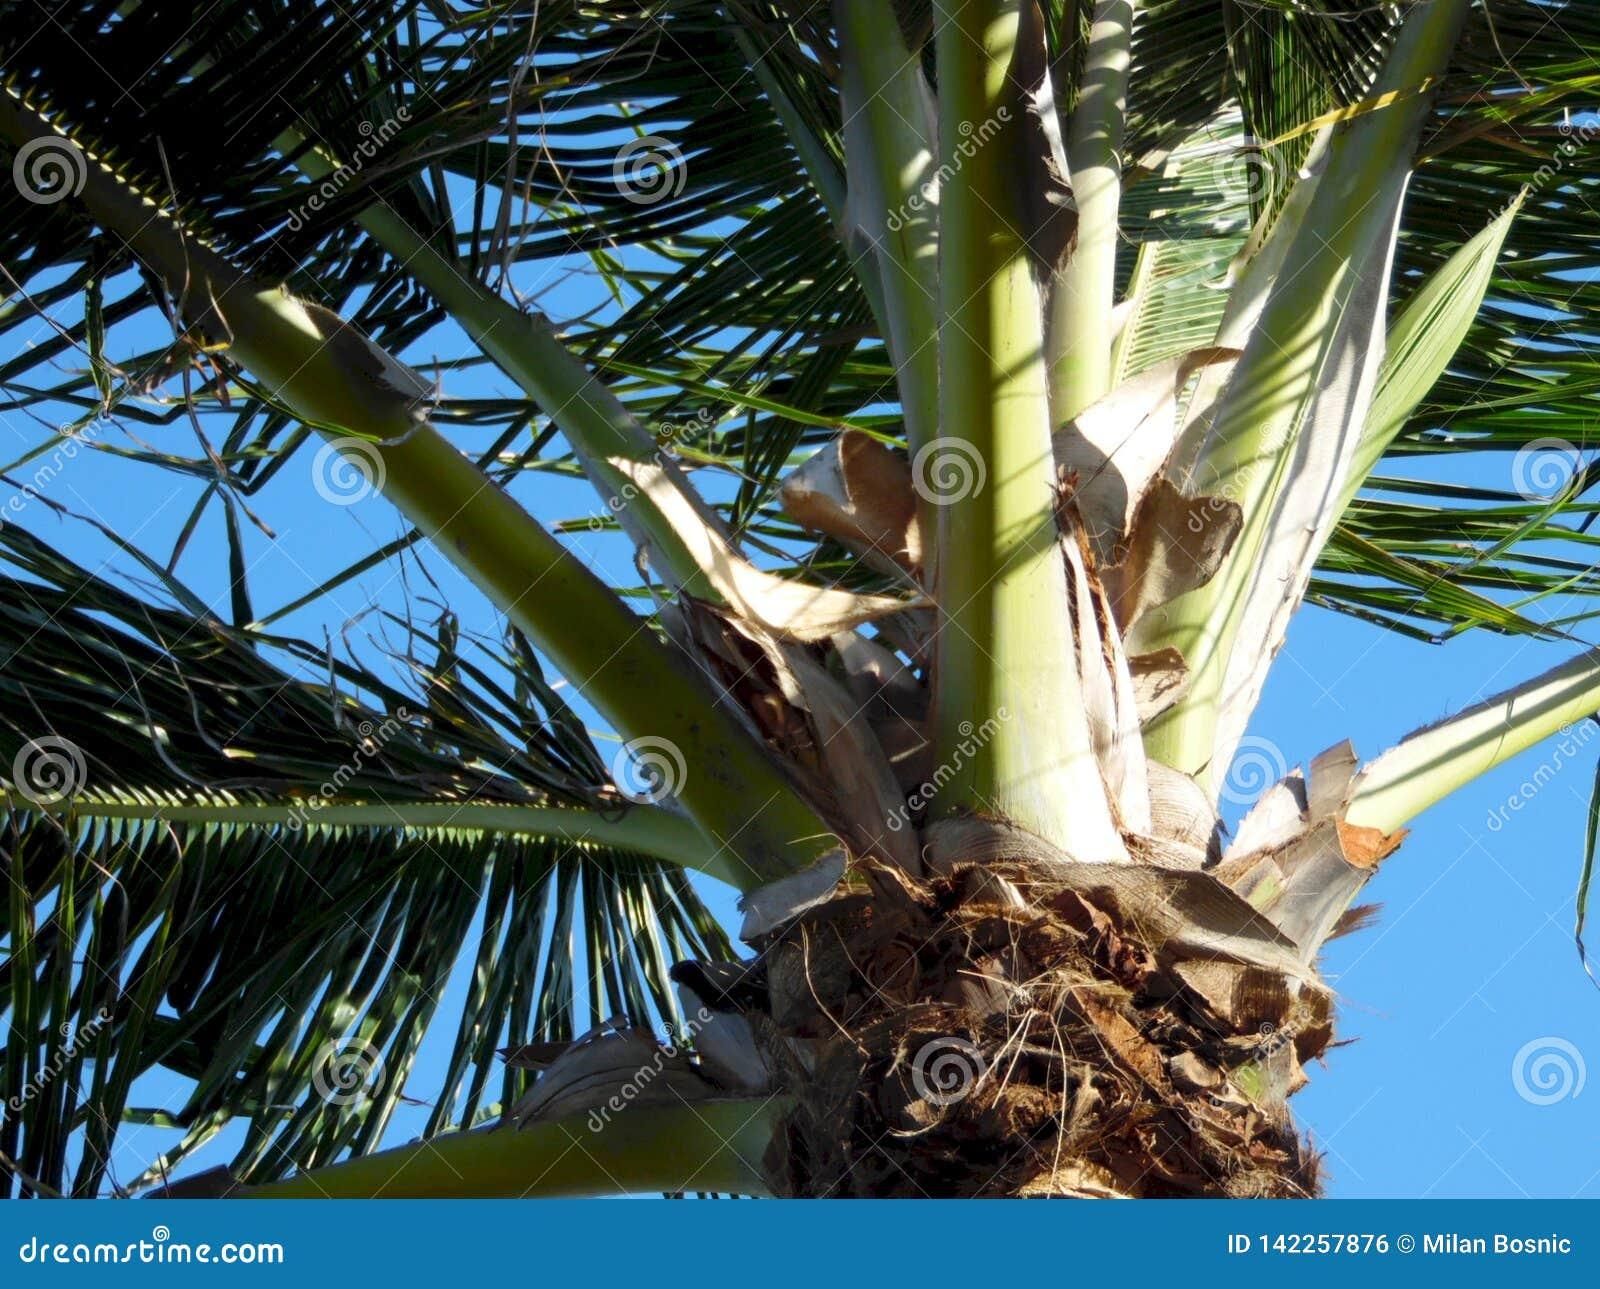 Abschluss der Palme oben